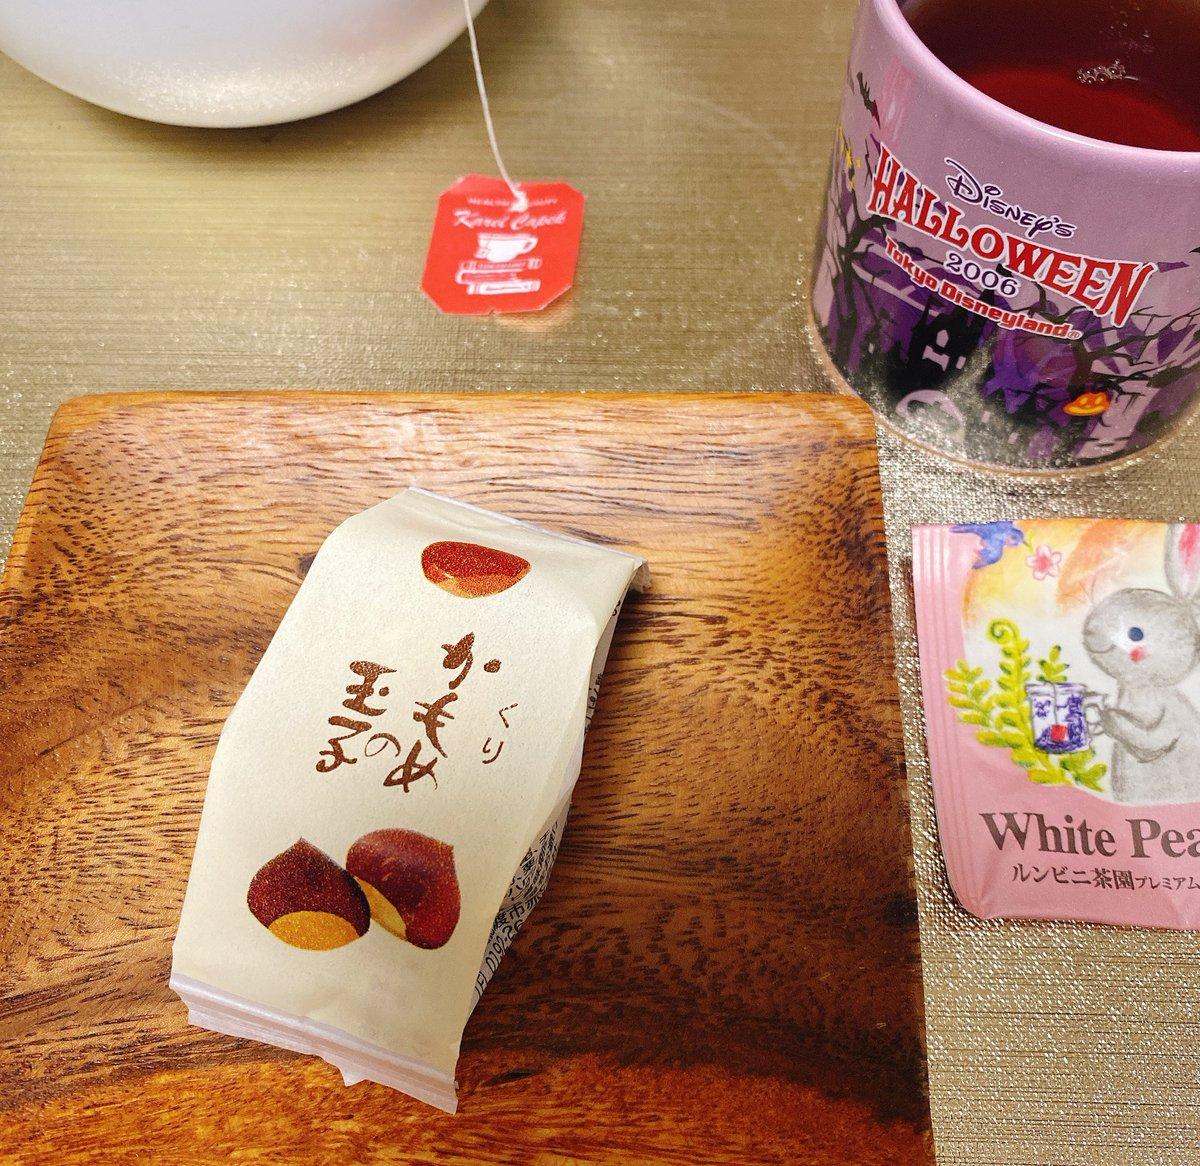 test ツイッターメディア - 今晩のティータイム カレルチャペック White Peach Tea 🌰かもめの玉子 くり  #木漏れ日のお茶会 https://t.co/cDM0mg7Ris